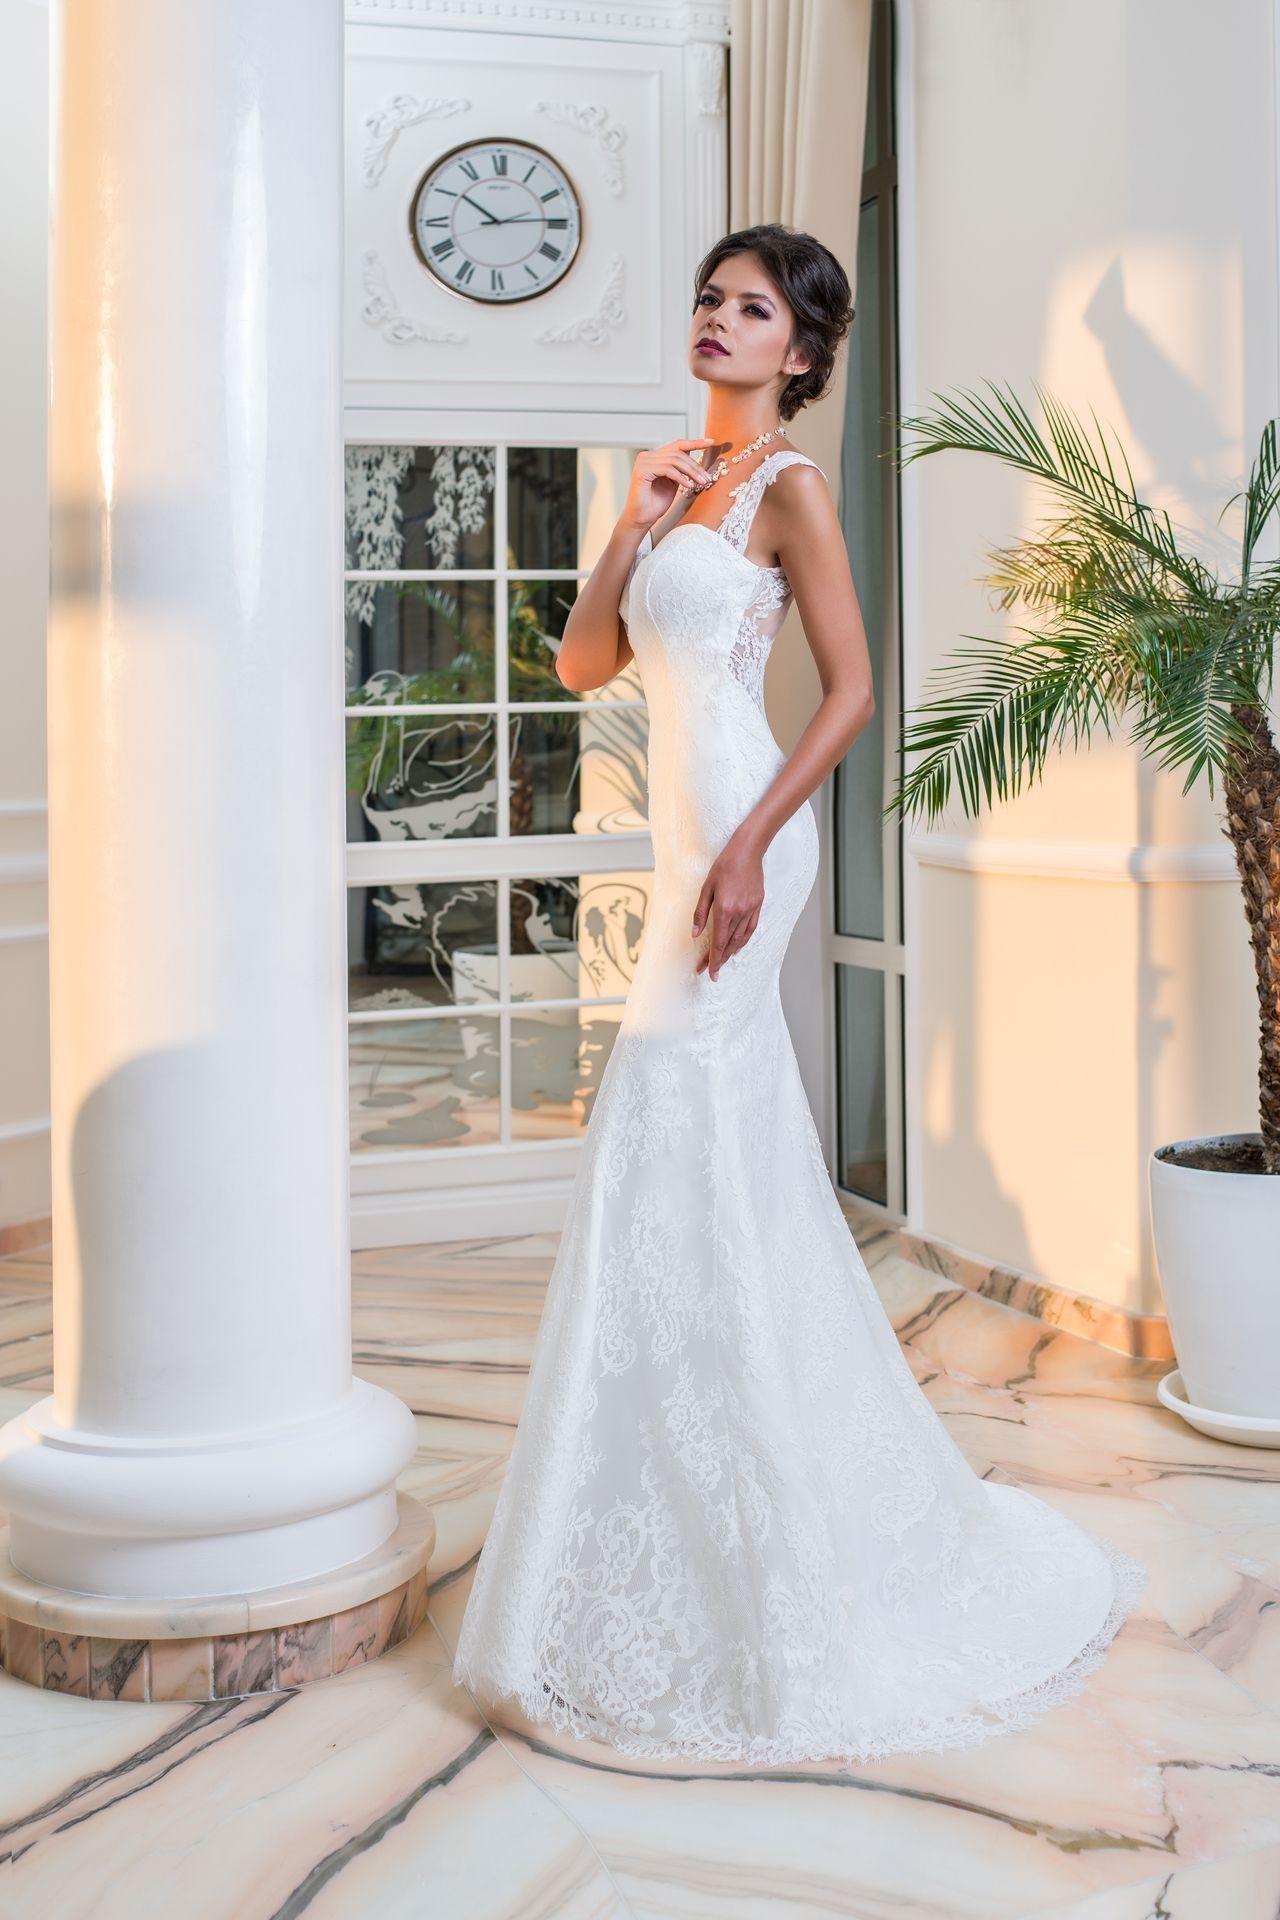 ce9b48de9d59 Luxusné elegantné čipkované svadobné šaty s krásne prepracovaným chrbtom na  gombíky